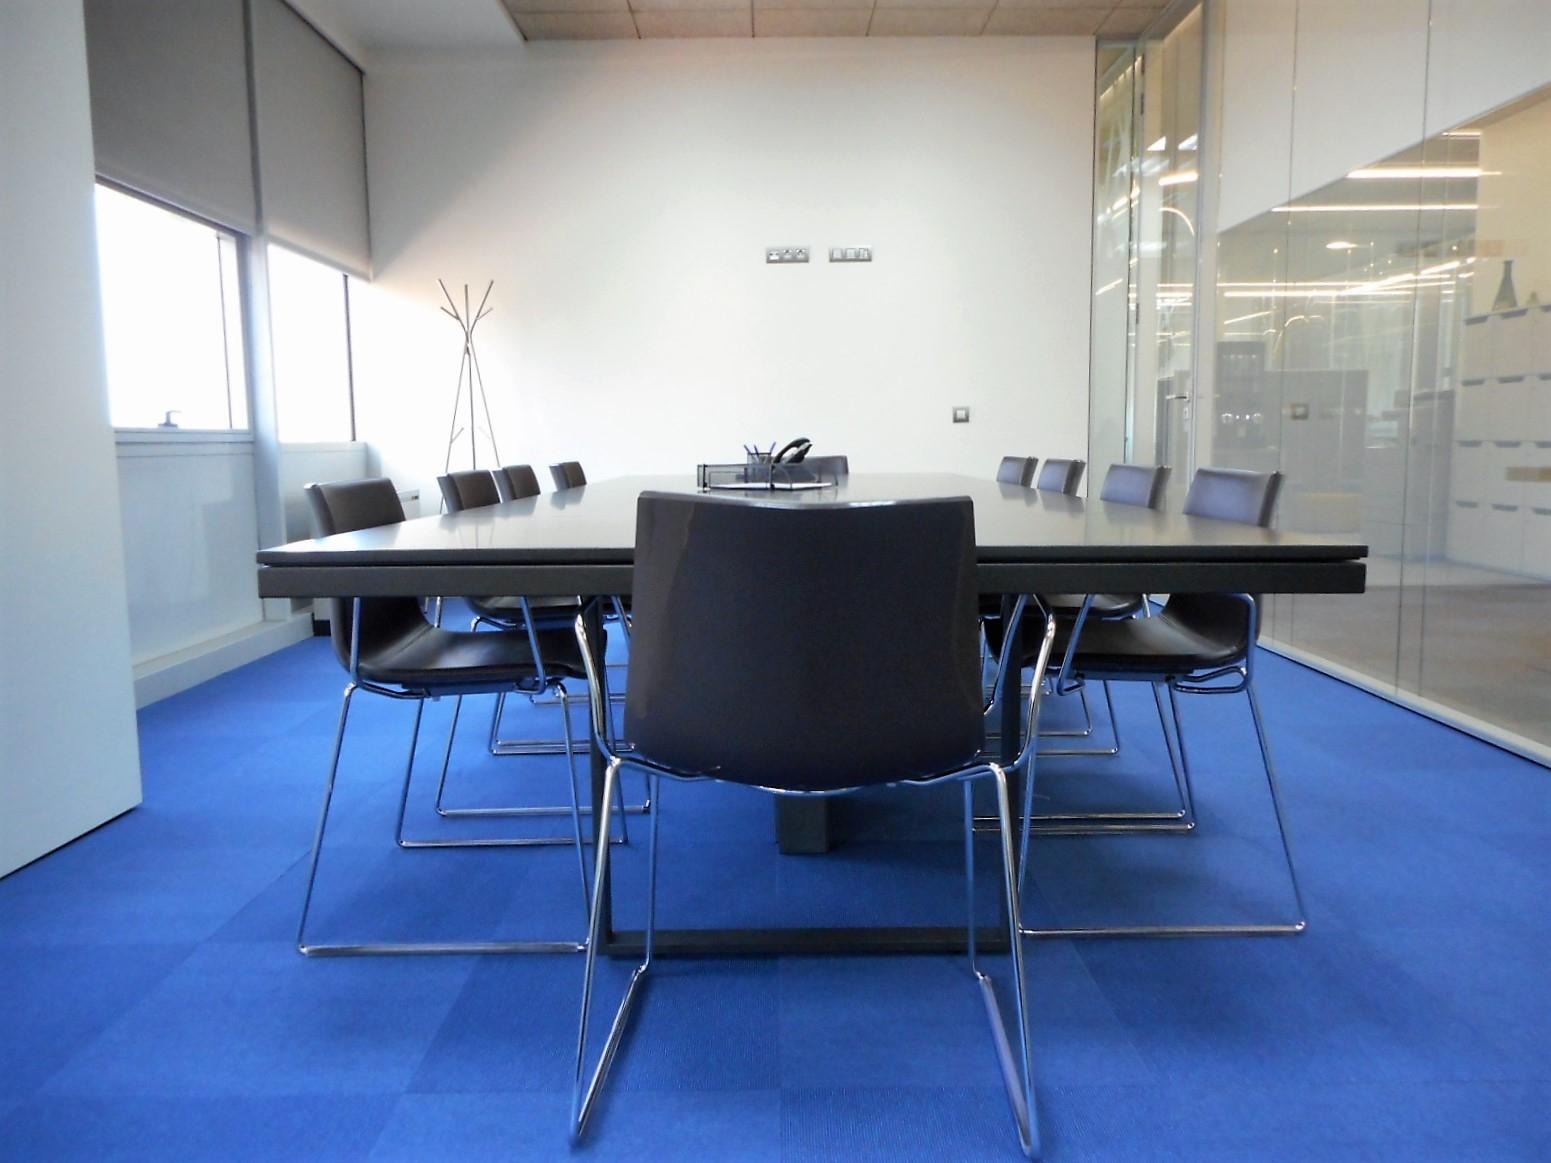 Recursos de apoyo en el desarrollo de la reunión - Todas cuentan, como mínimo, con sistemas de videoconferencia y con un excelente acceso a Internet.